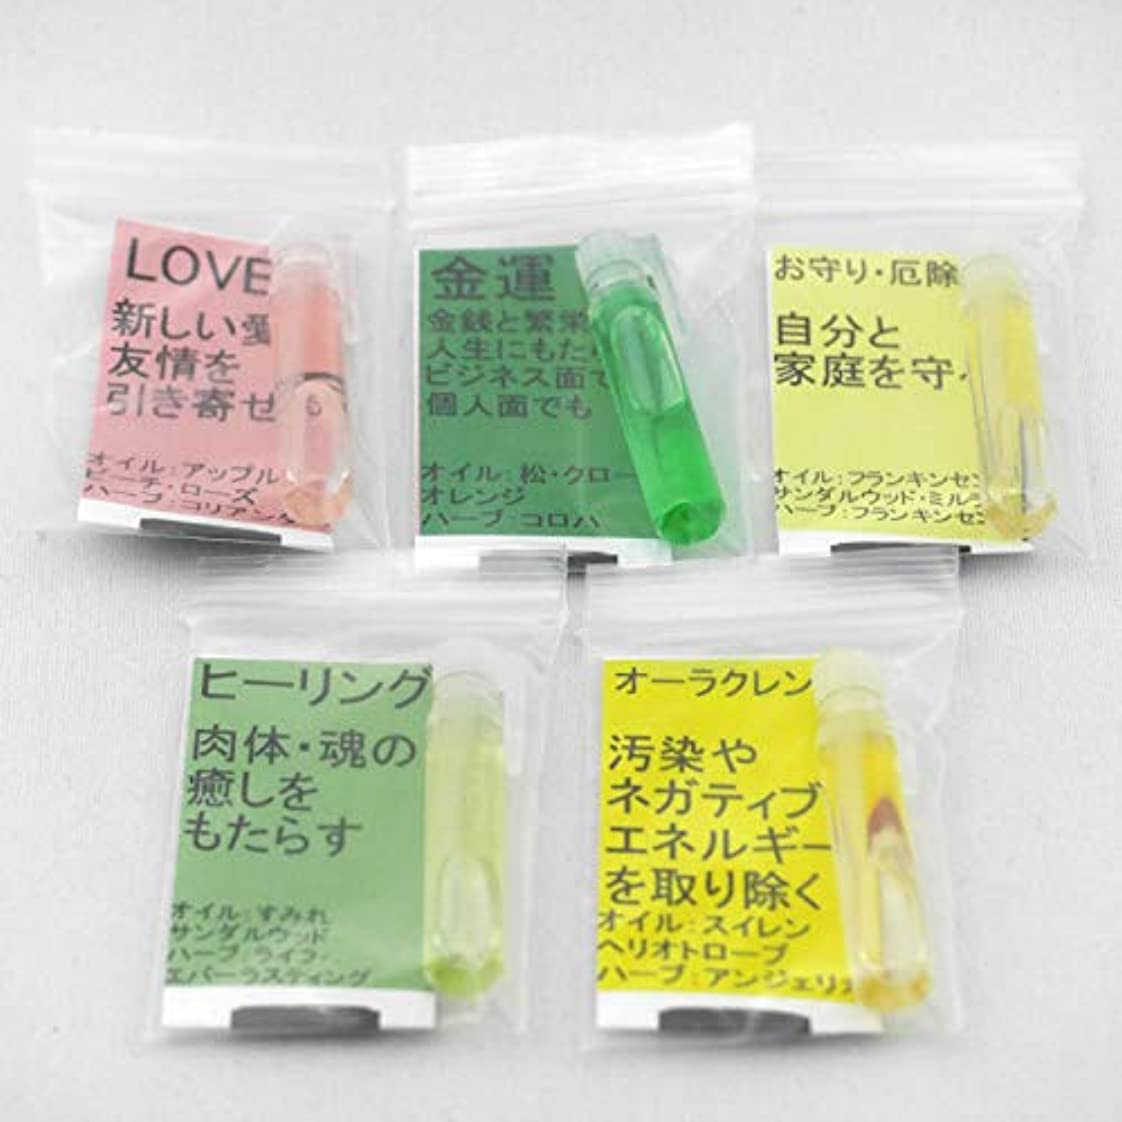 発揮するトランジスタスカートアンシェントメモリーオイル 基本の5本小分けセット(LOVE?MoneyDraw?Protection?Healing?Aura Cleanse)